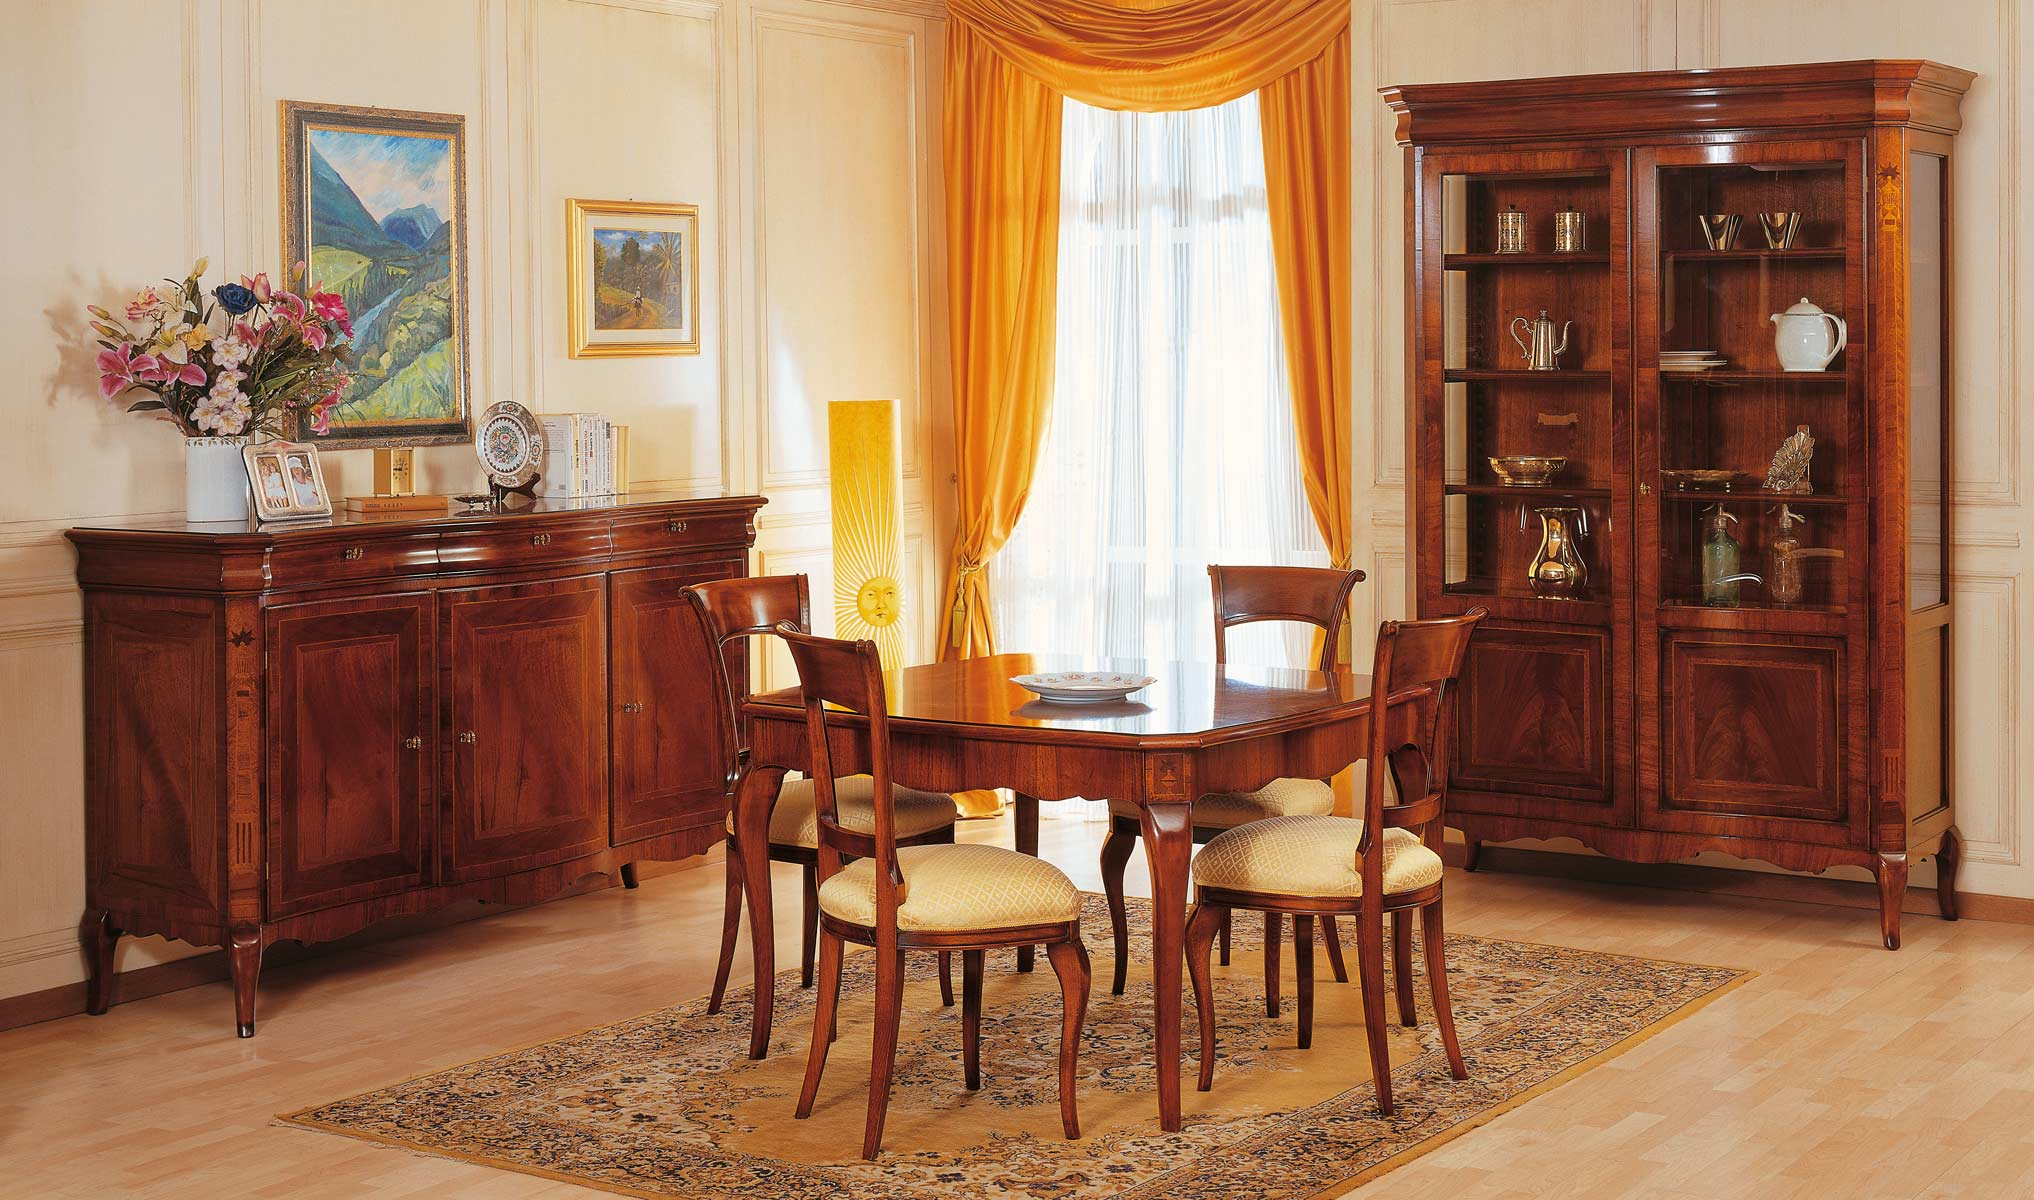 sala da pranzo in stile 800 francese vimercati meda